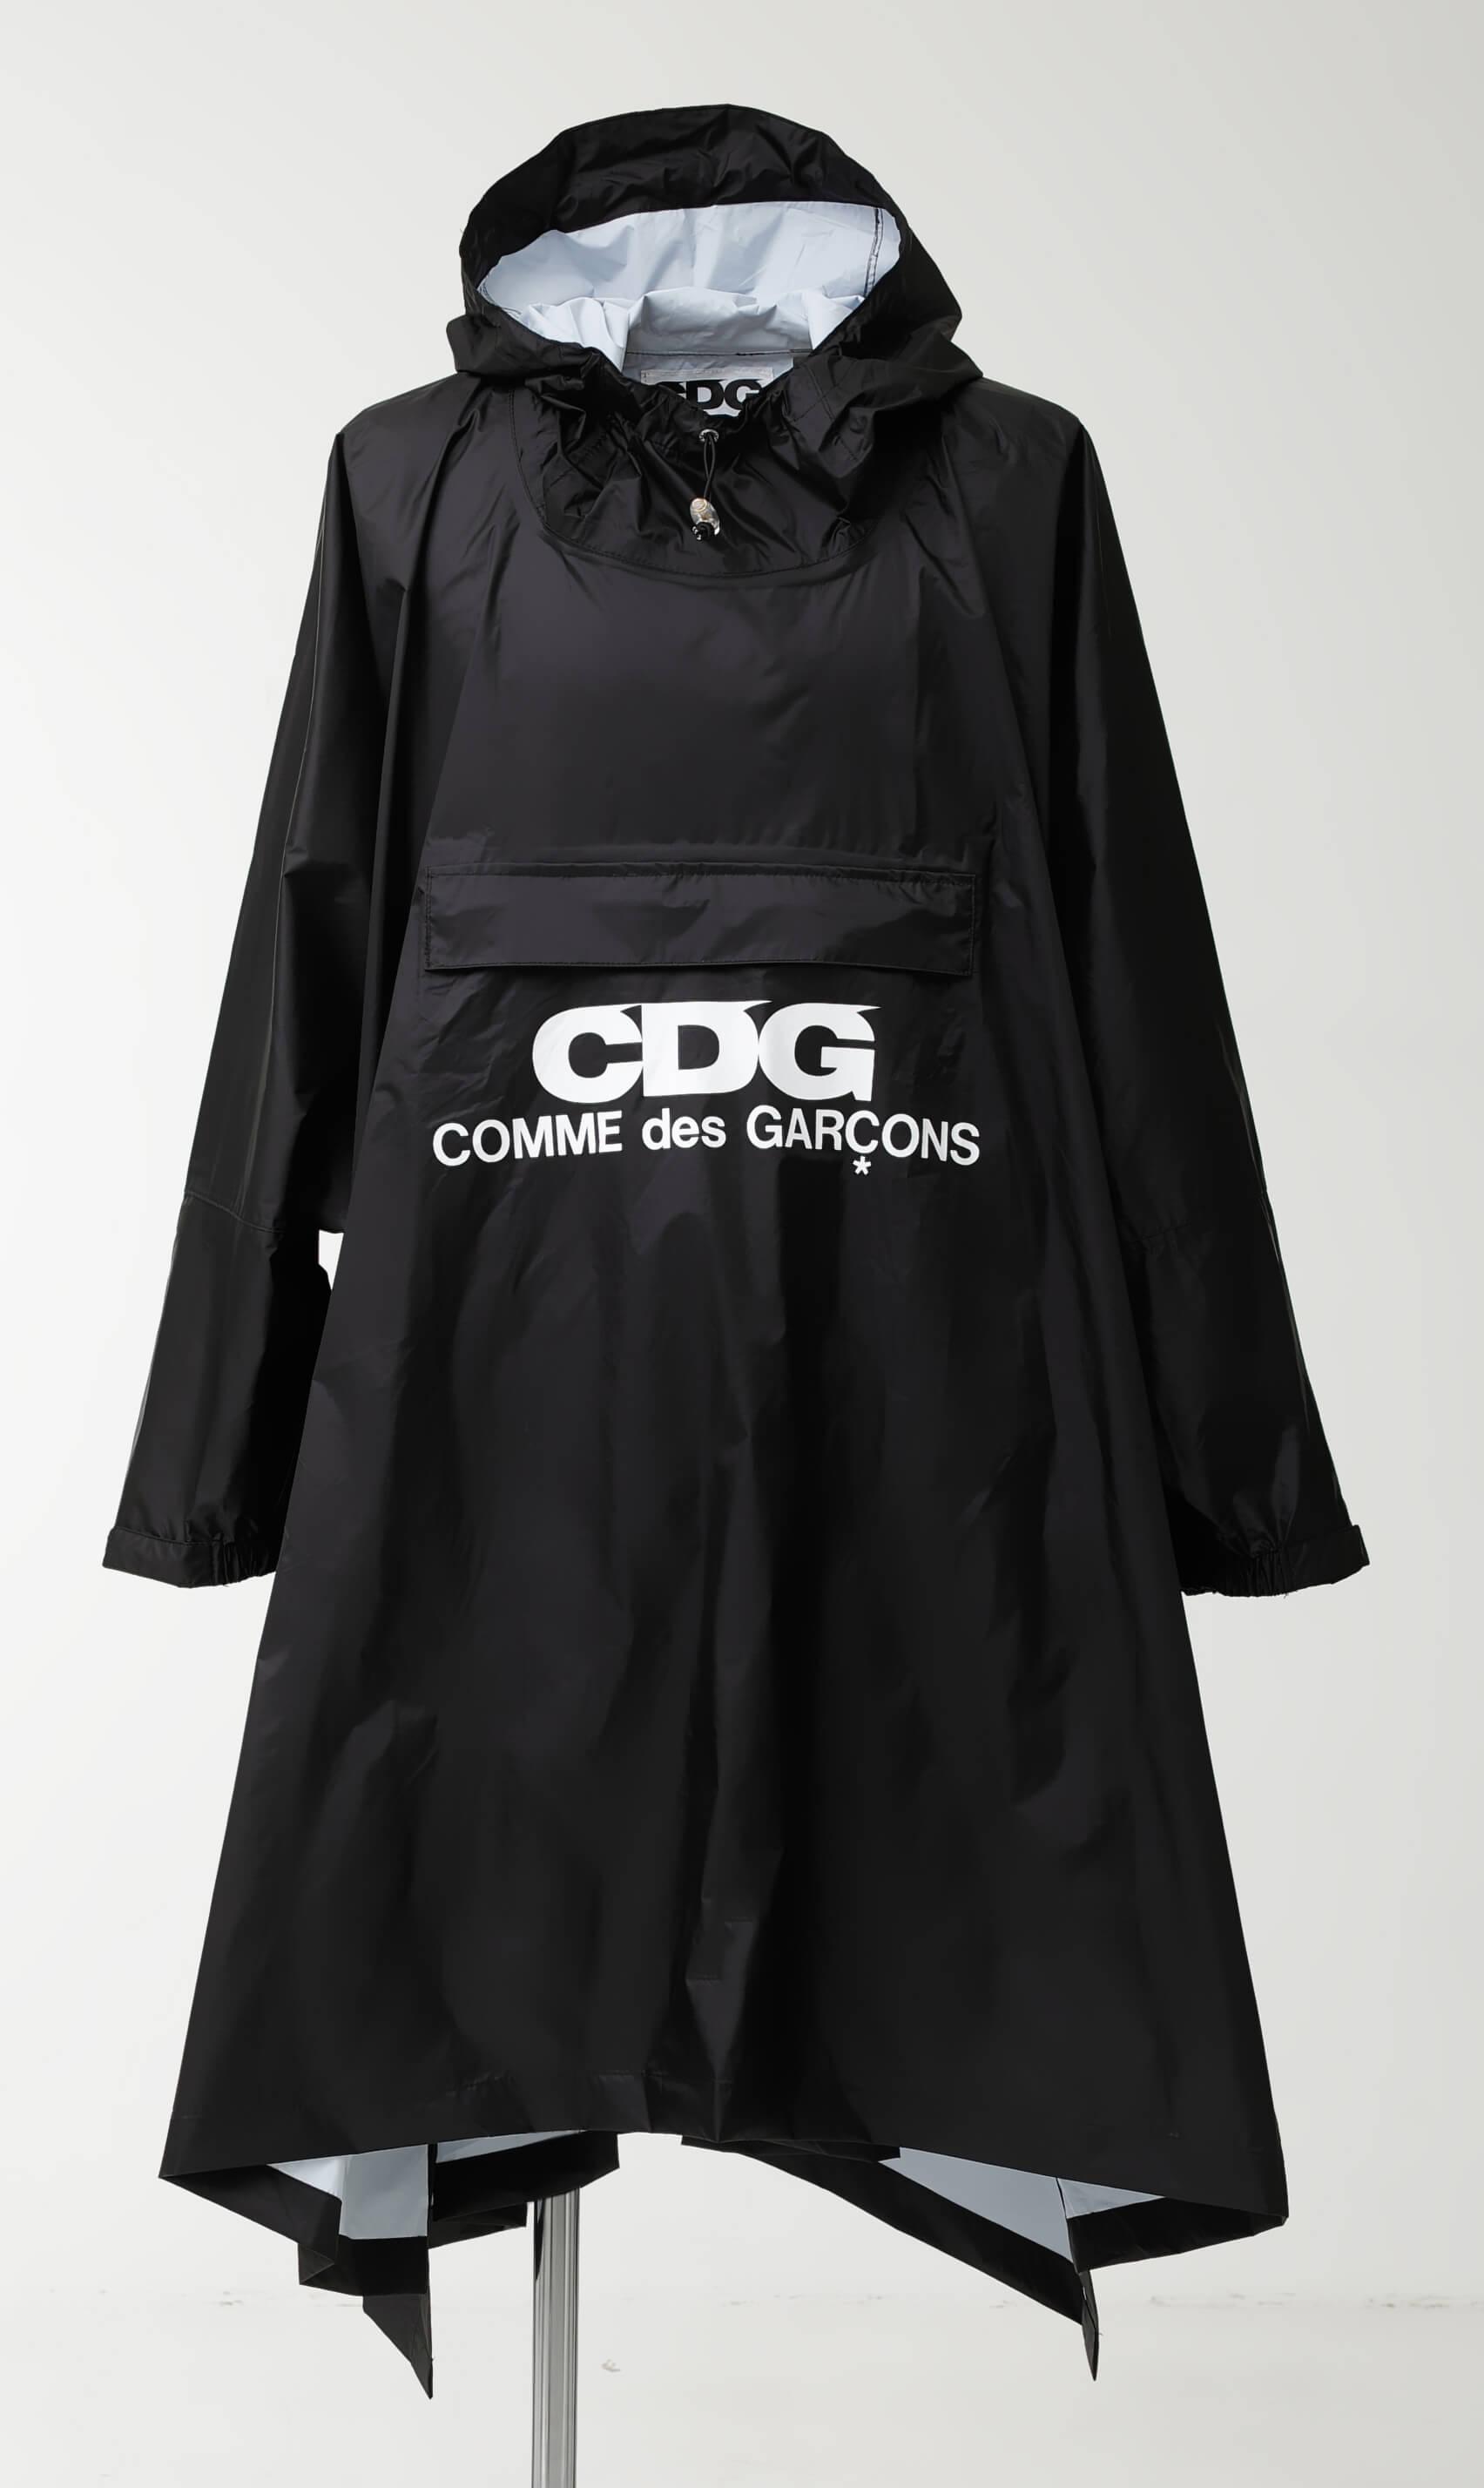 COMME des GARÇONSの新ブランド〈CDG〉がローンチ。ブランド初となるE-SHOPも。